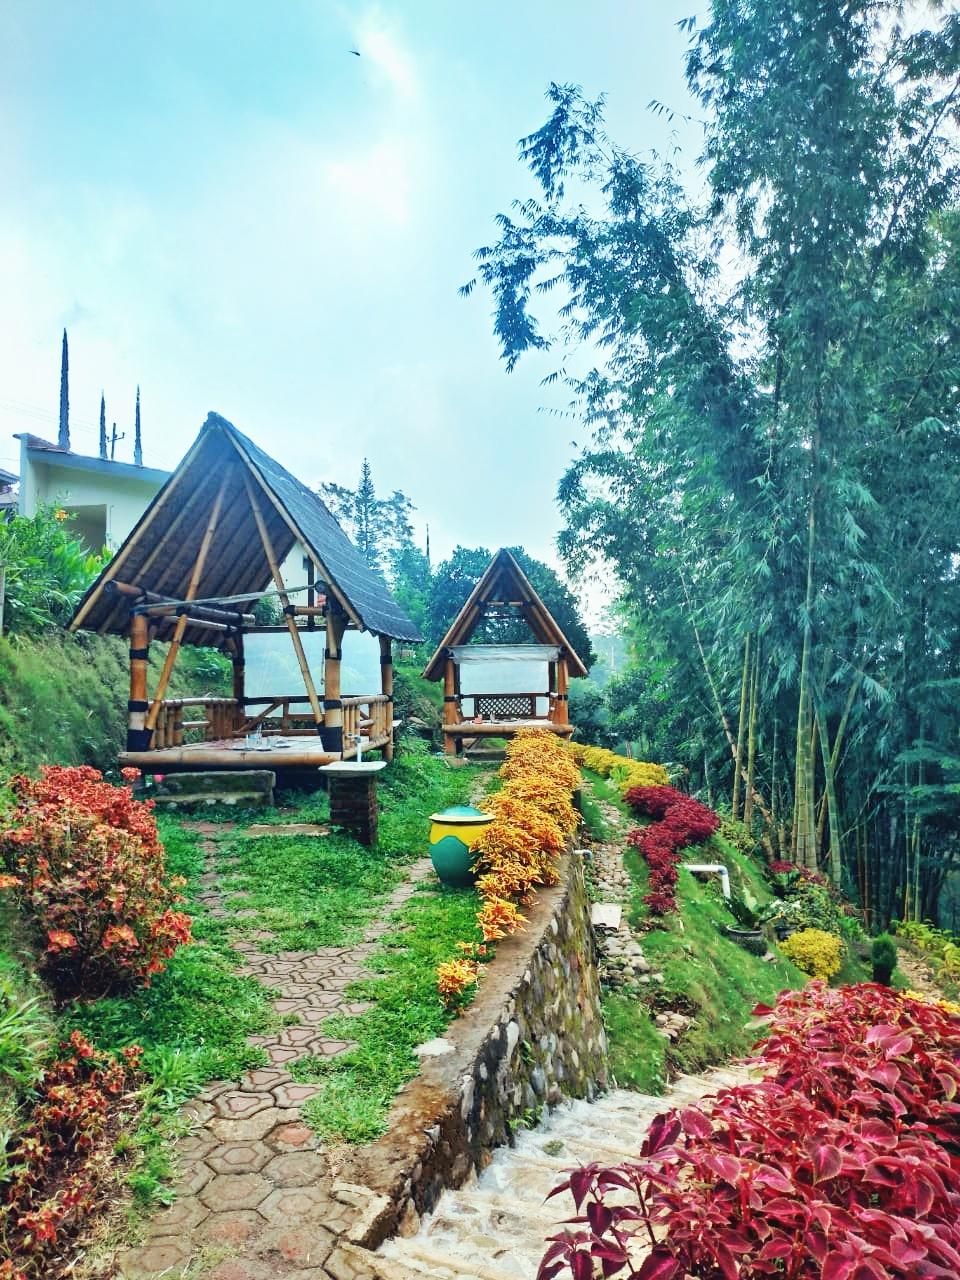 Warung 5758 Maju Mapan, Pacet : Pilihan Resto dan Cafe Bernuansa Alam Baru (Recommended!!)